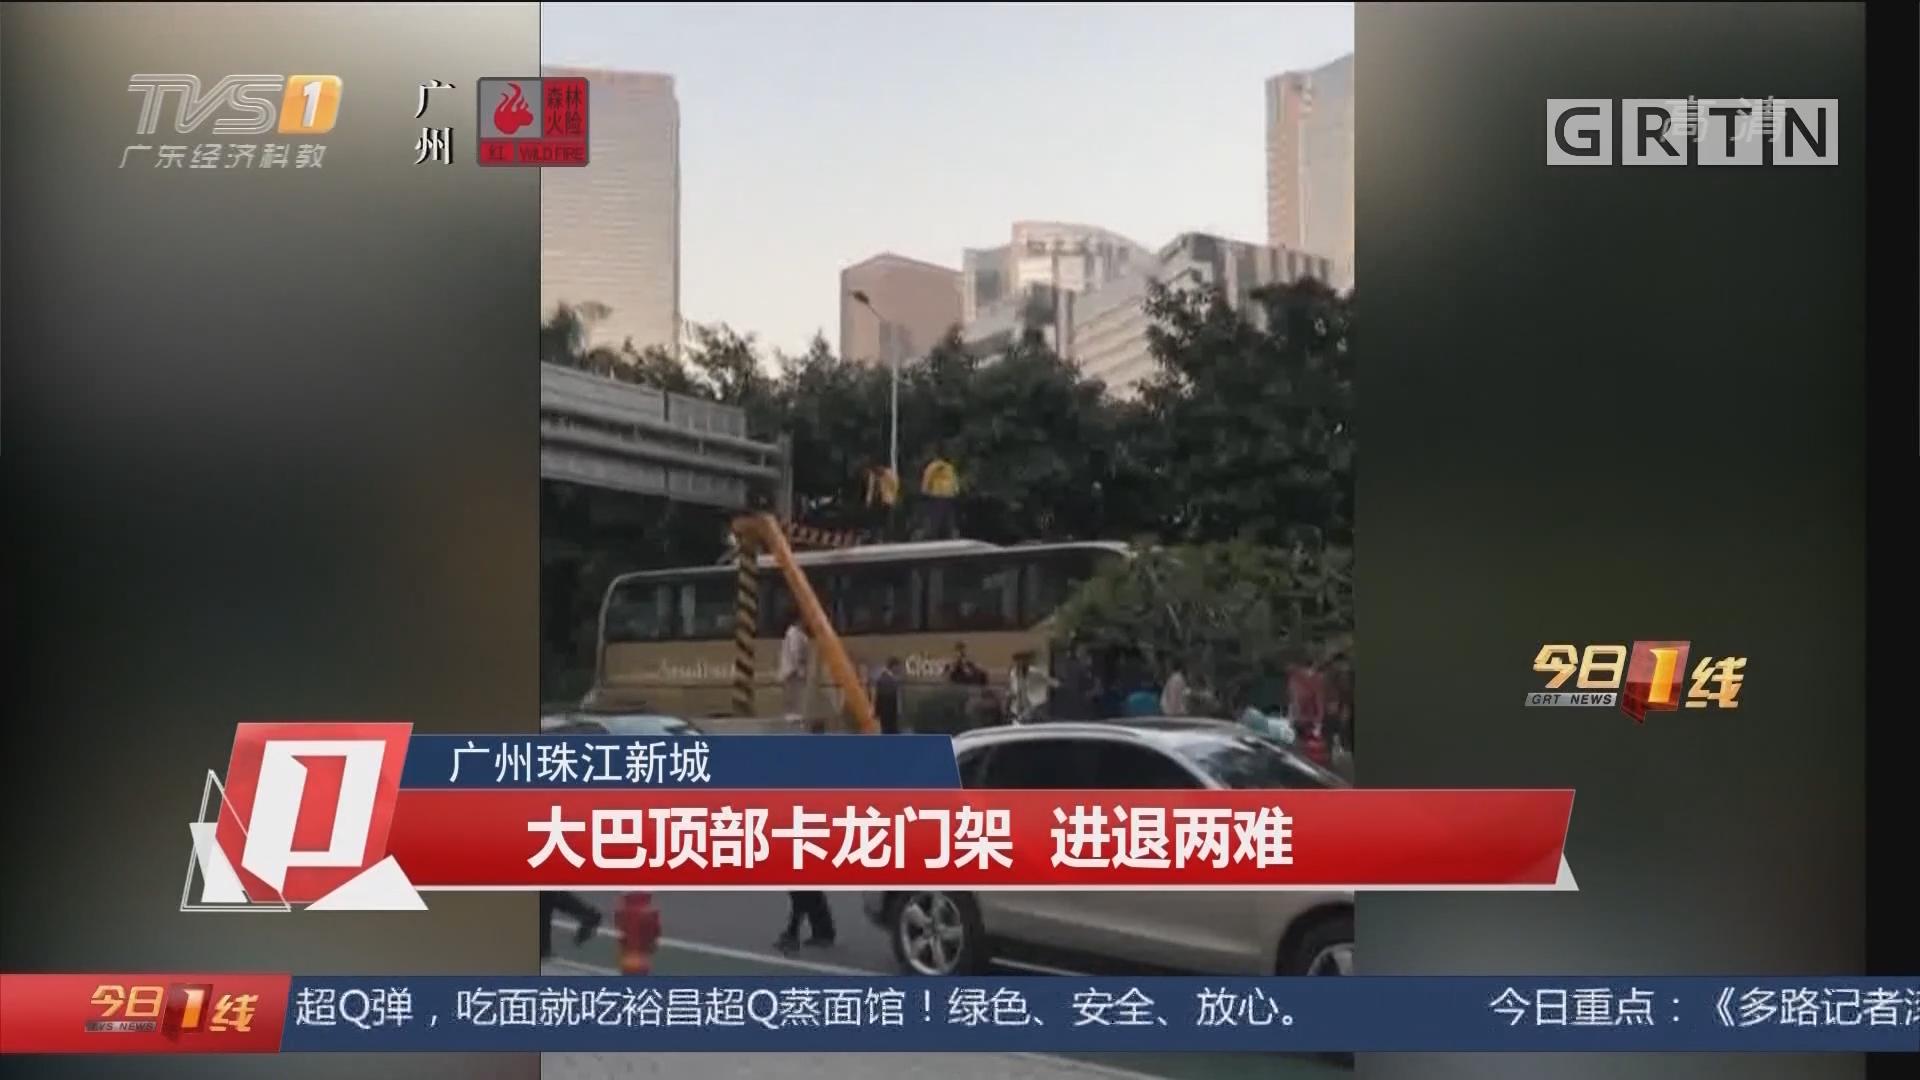 广州珠江新城:大巴顶部卡龙门架 进退两难